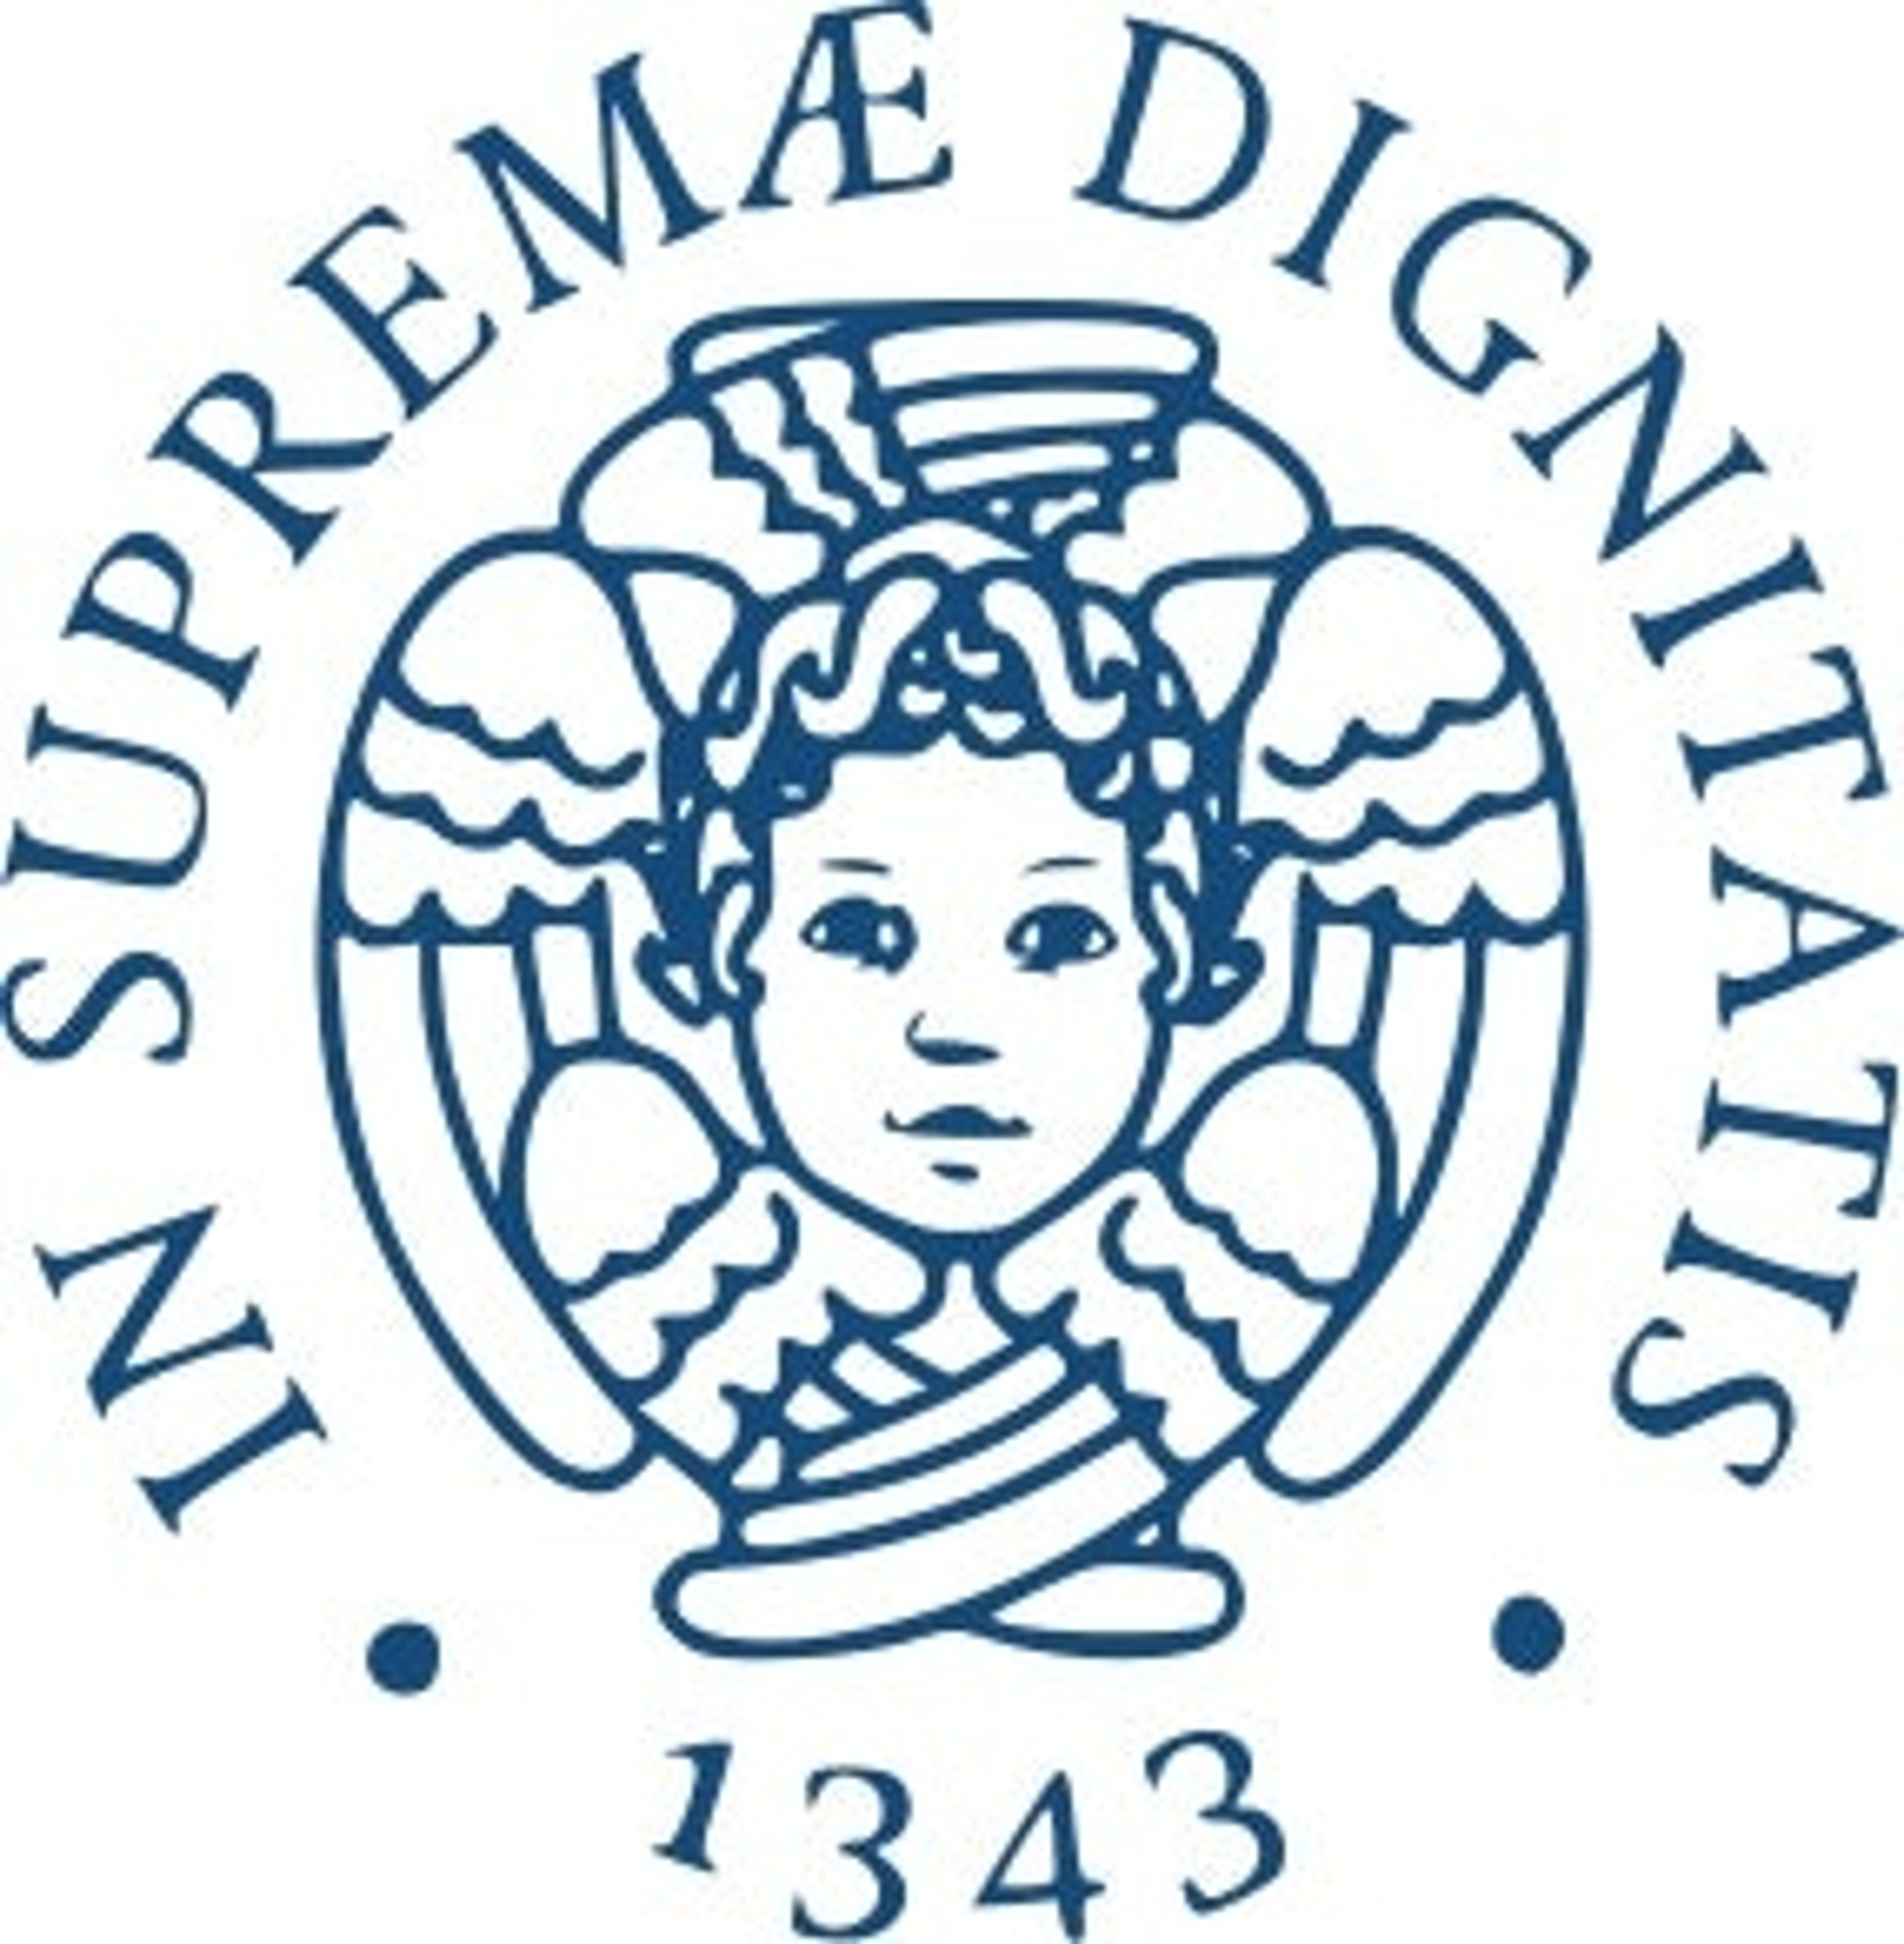 Logo 1407721379.jpg?ixlib=rb 1.1